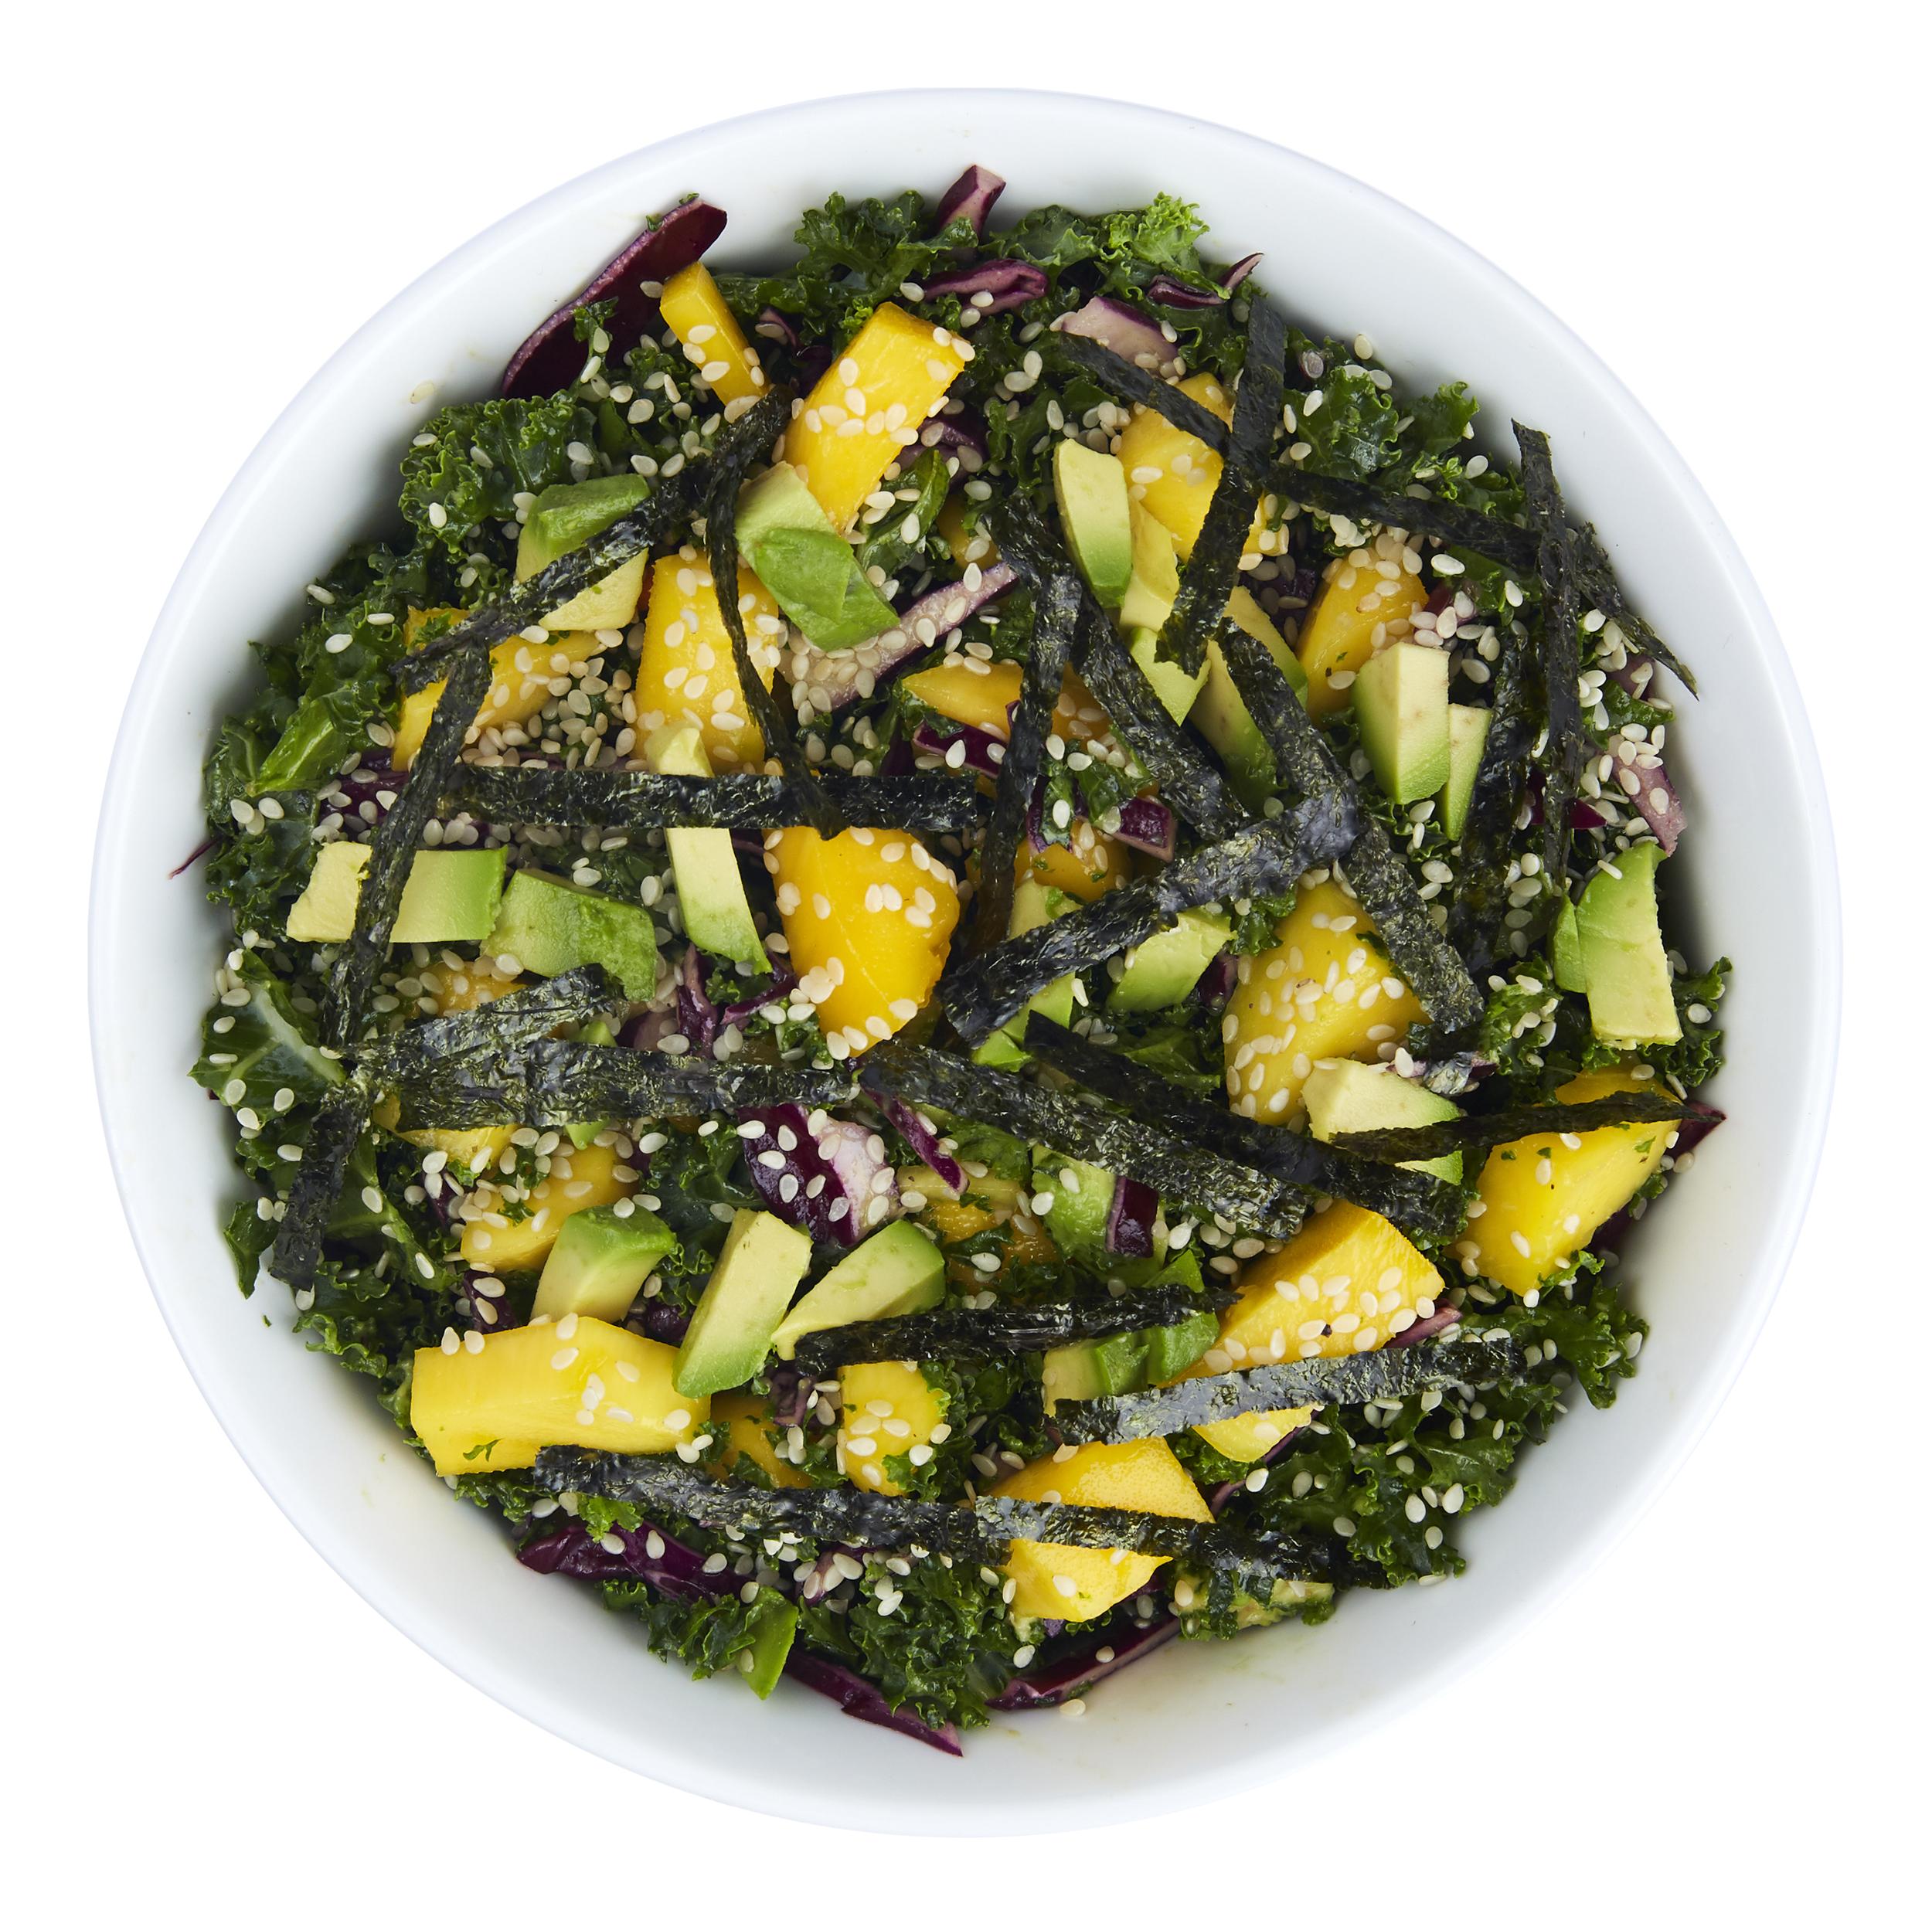 Summer Seaweed Salad - $10.99  Kale, mango, cabbage, avocado, sesame seeds, ginger, nori strips, miso dressing